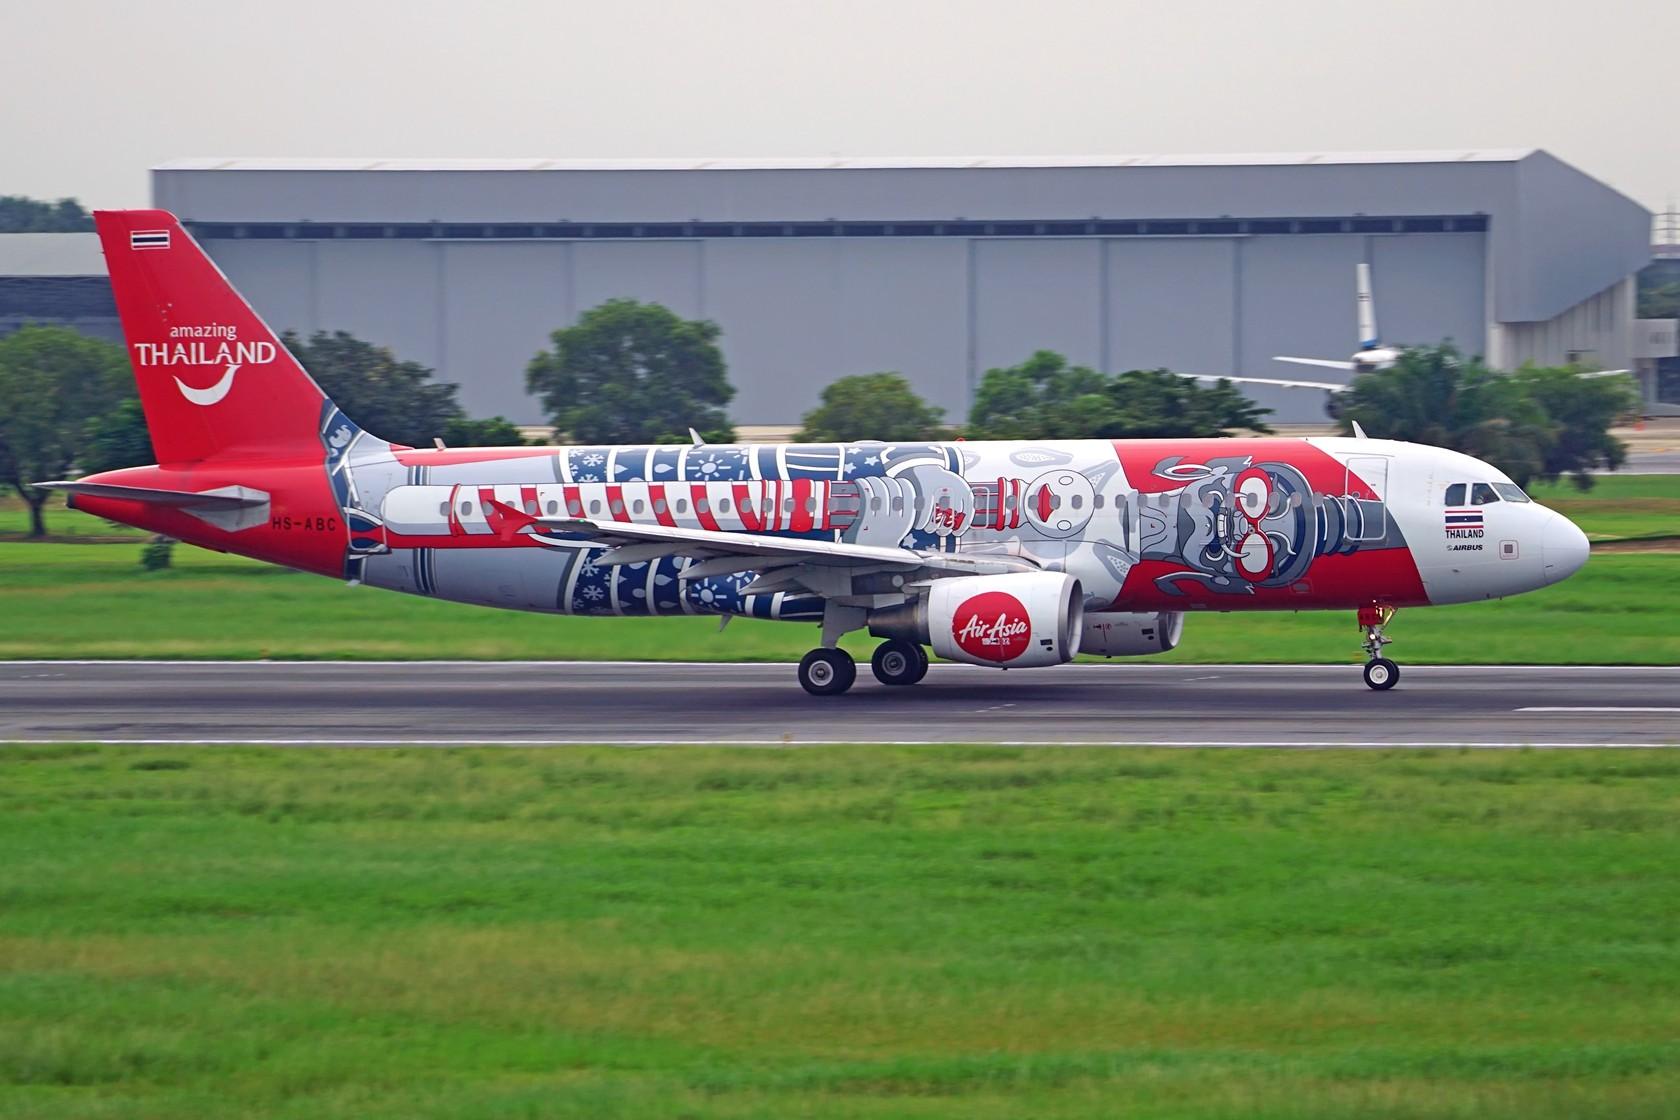 [原创]泰国亚洲航空彩绘 门神+缤纷泰国 AIRBUS A320-200 HS-ABC 泰国曼谷廊曼国际机场